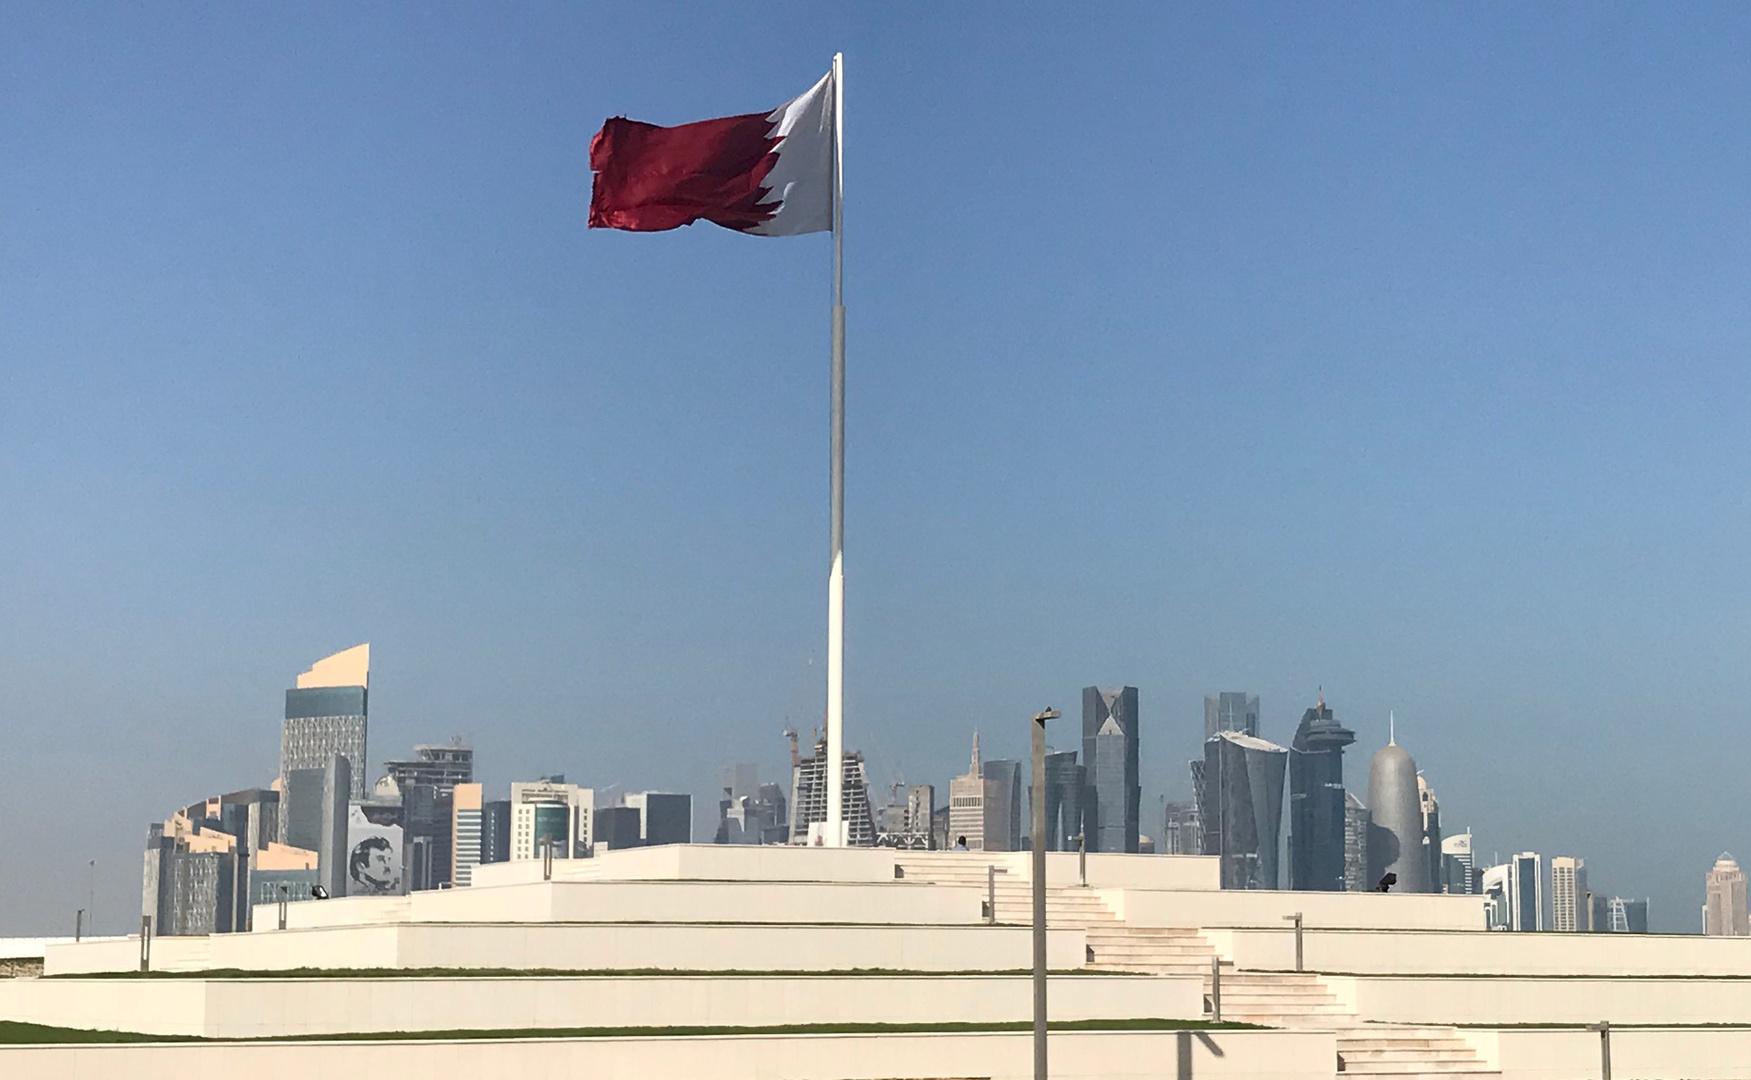 كوريا الجنوبية تطلب دعم قطر لحل قضية احتجاز الناقلة في إيران